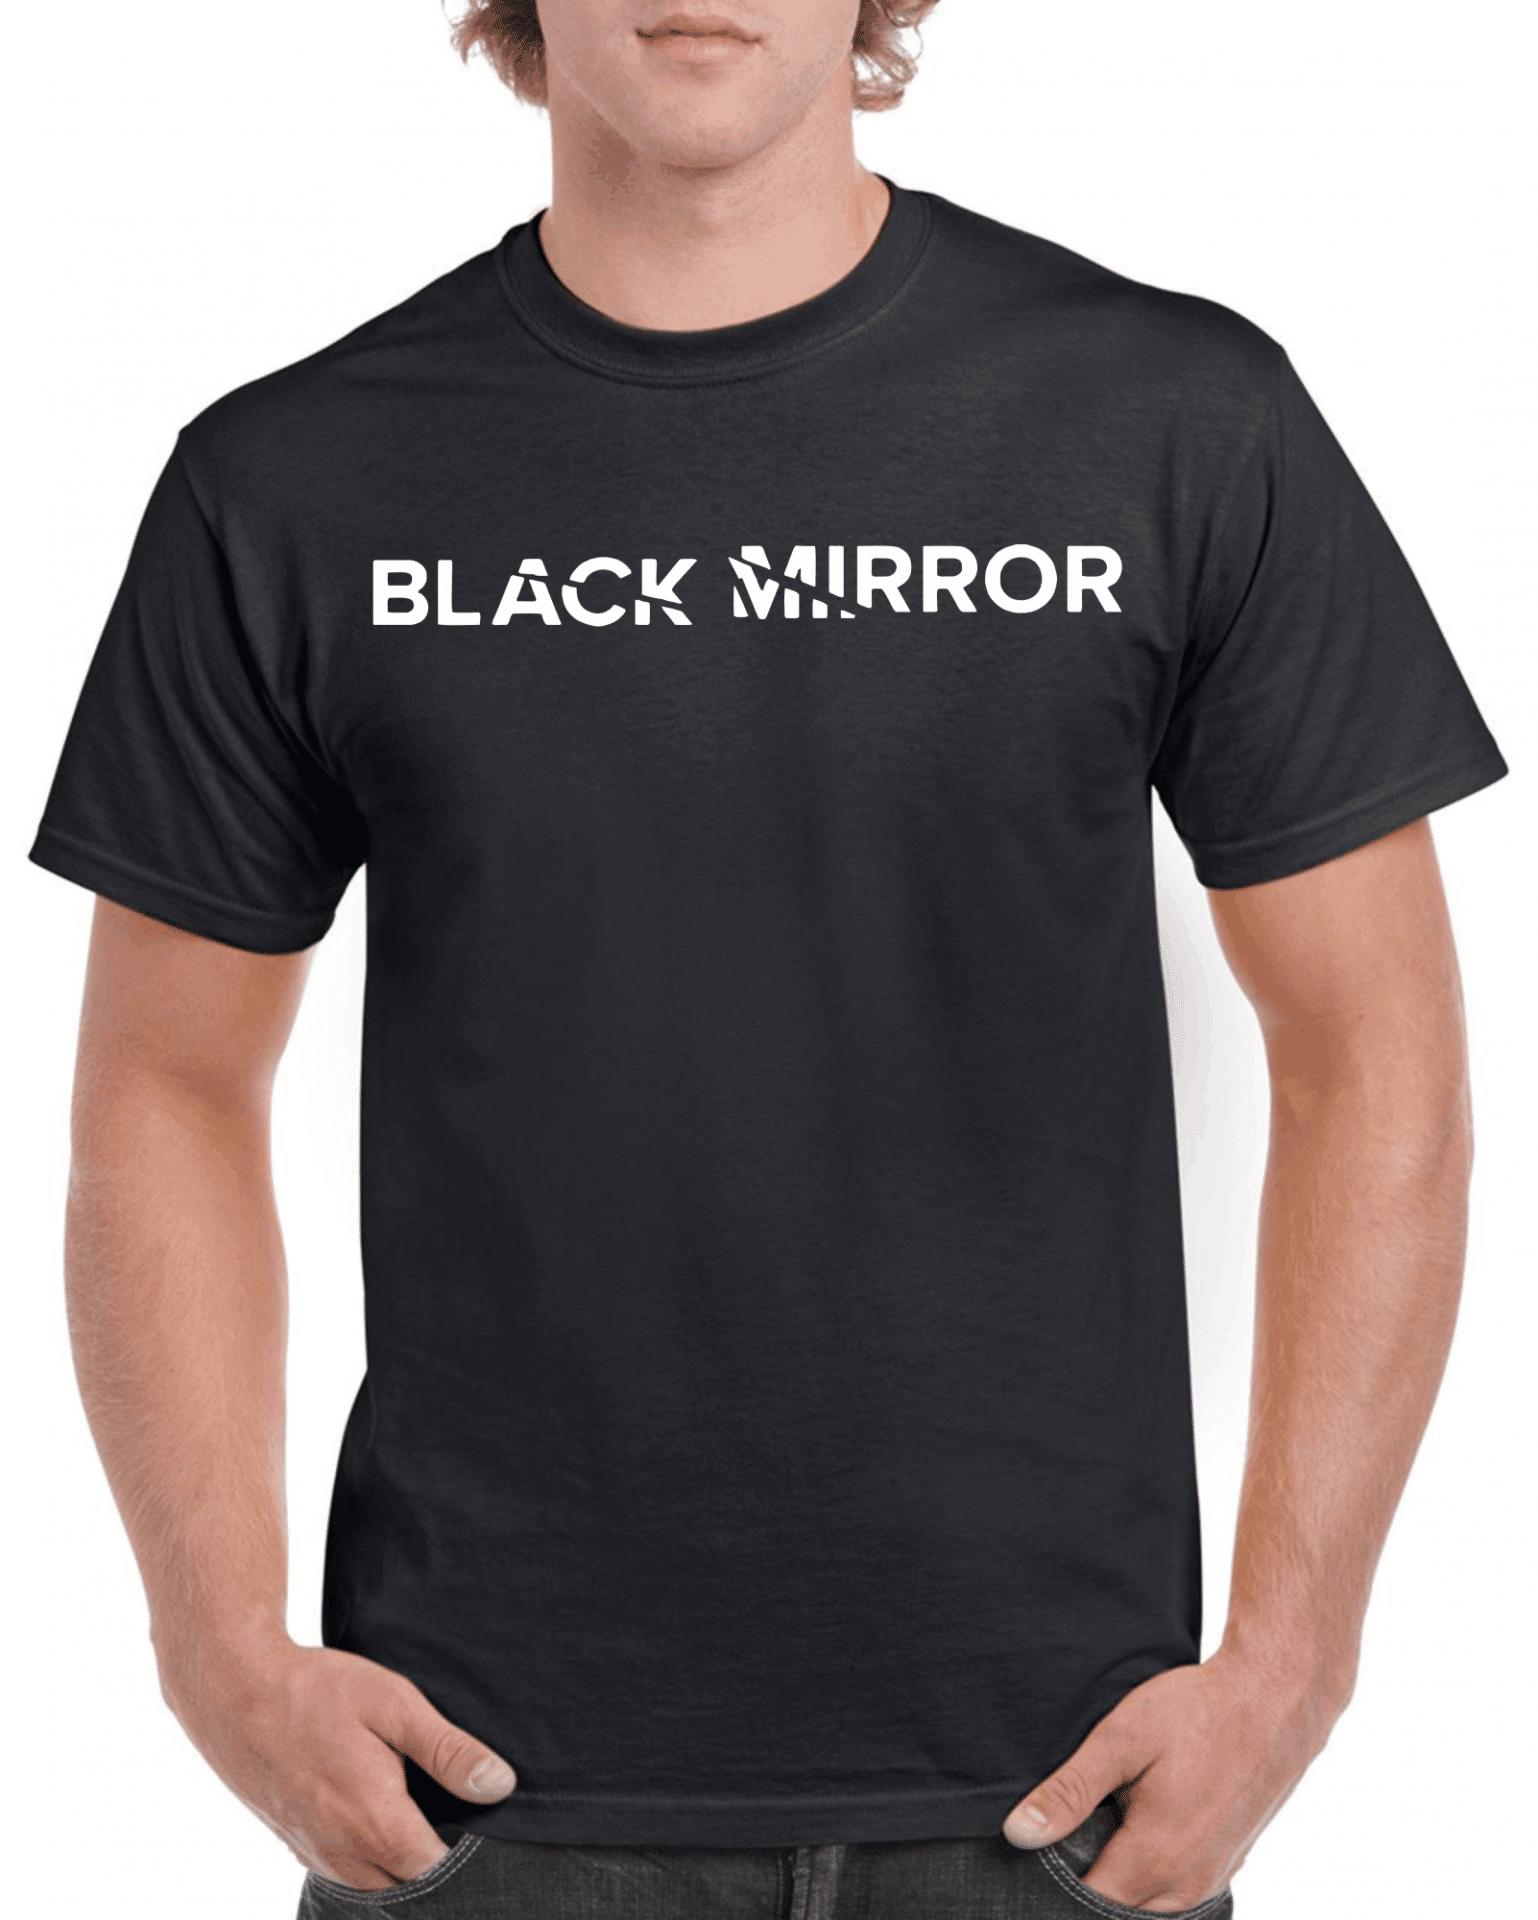 3930131909 Black mirror férfi póló | Póló ügynökség